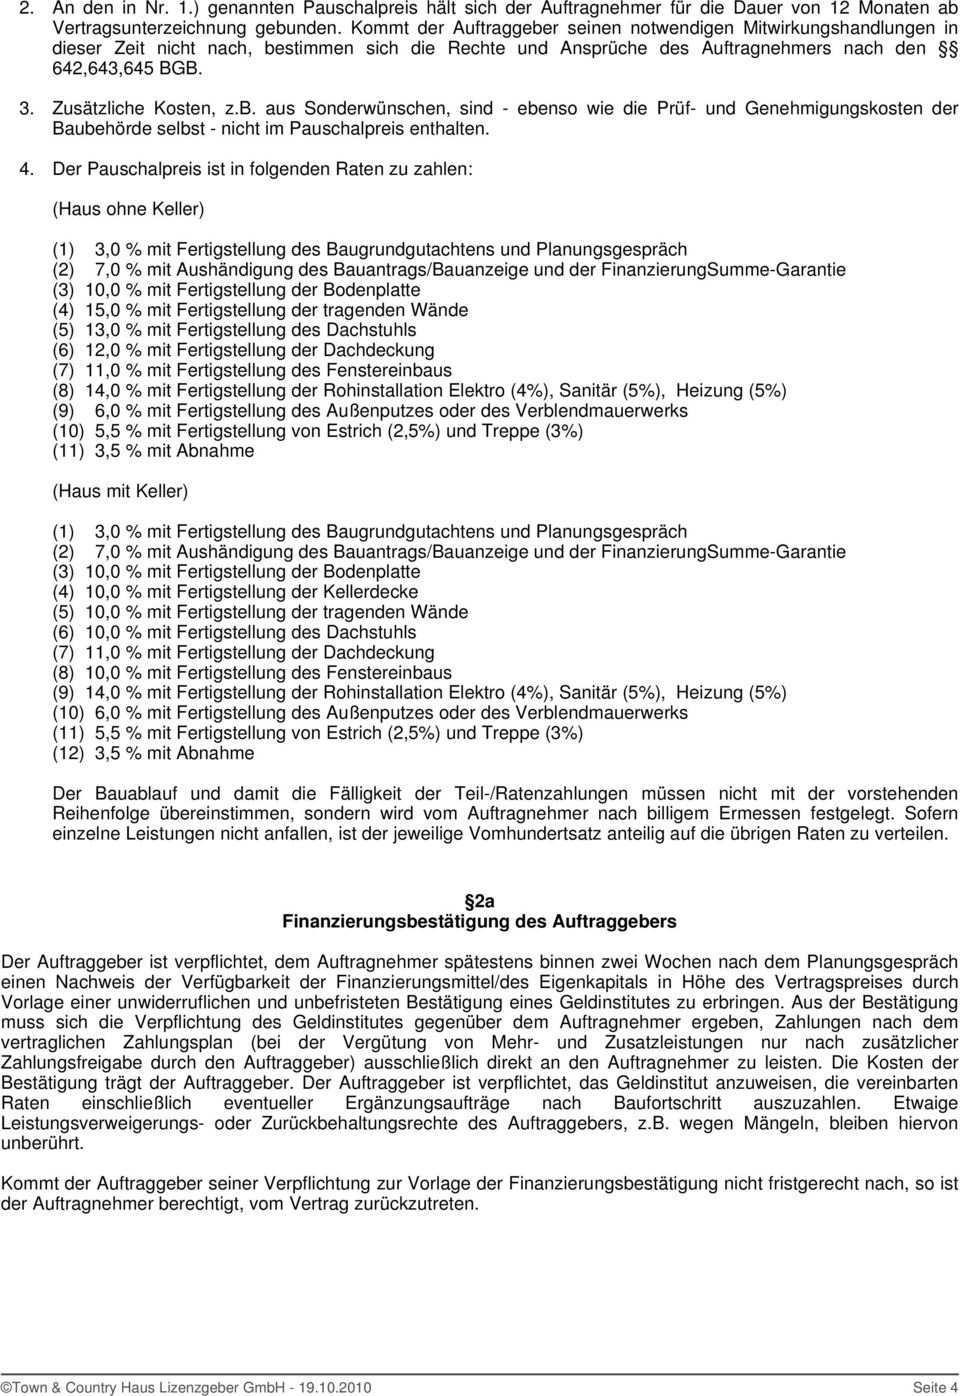 Bauwerkvertrag Fur Ihr Massivhaus Dh Behringen 116 Rechts Pdf Free Download